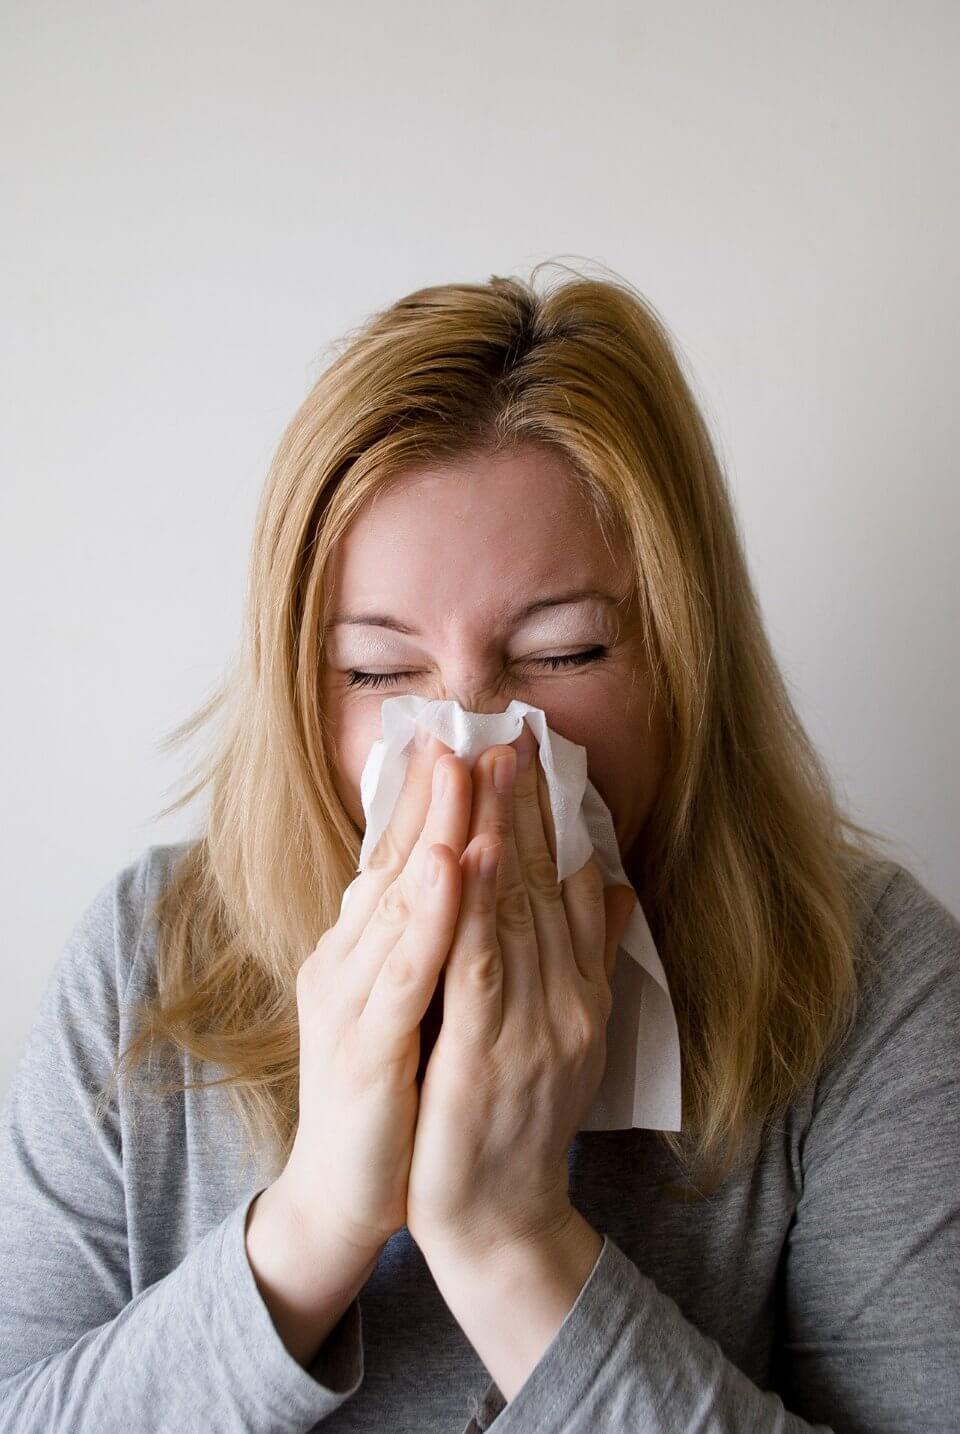 إمراة تعاني من أعراض الإنفلونزا